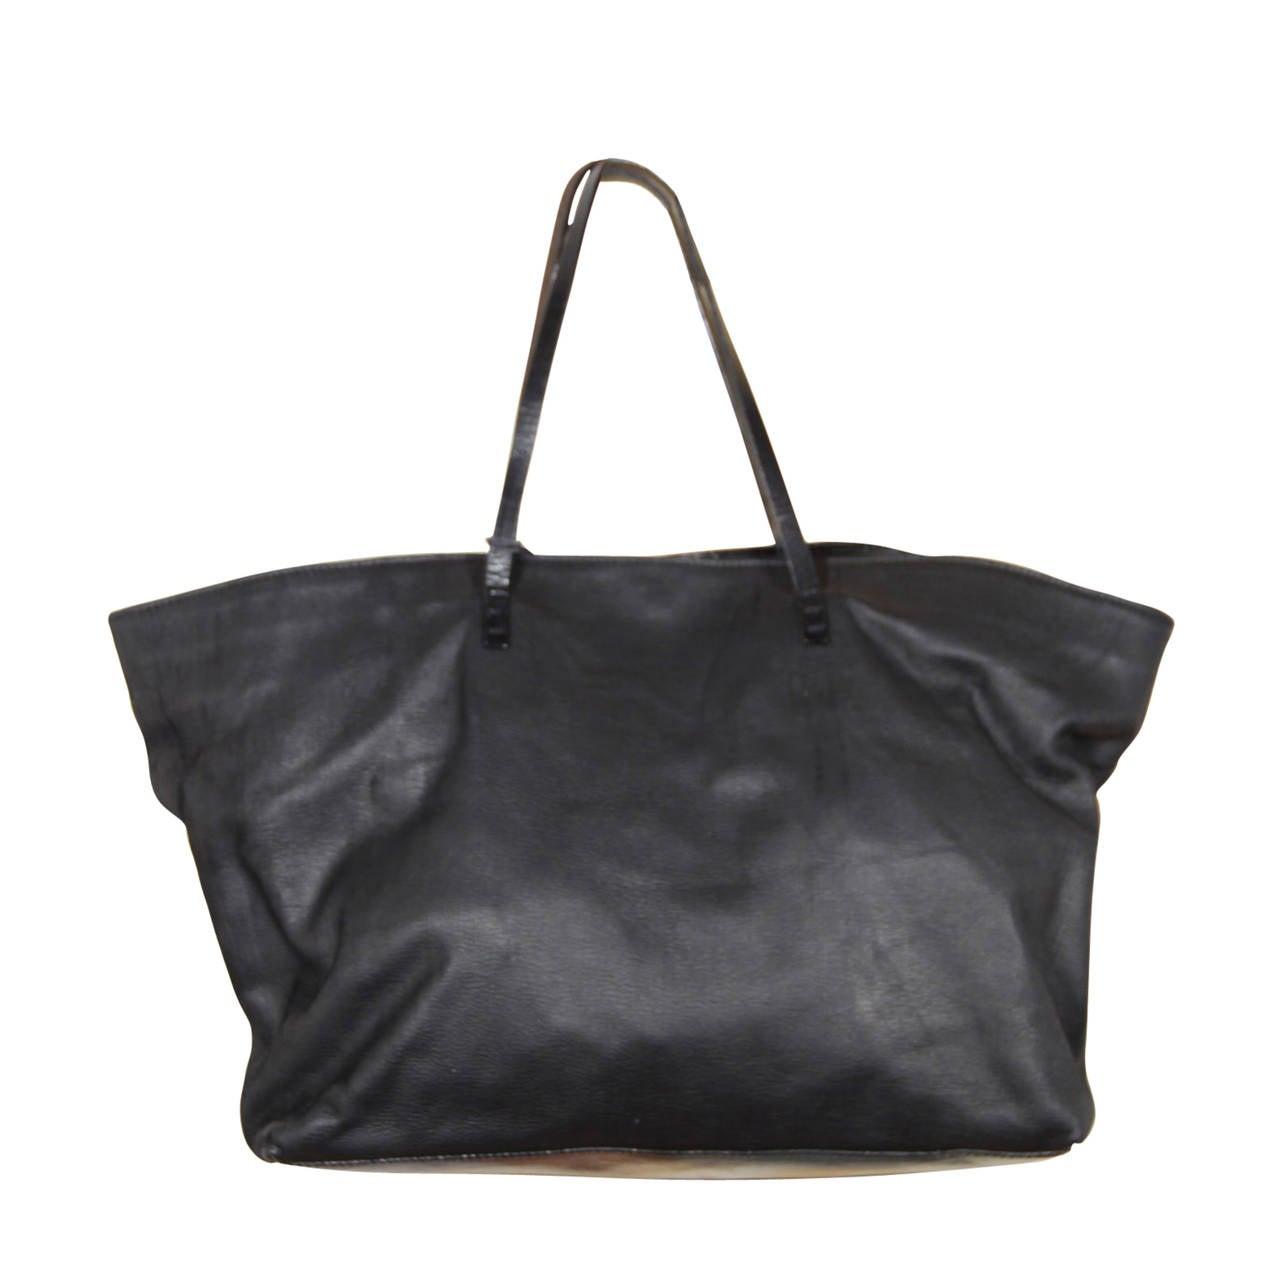 fendi italian authentic vintage black leather shopping bag tote shoulder bag at 1stdibs. Black Bedroom Furniture Sets. Home Design Ideas